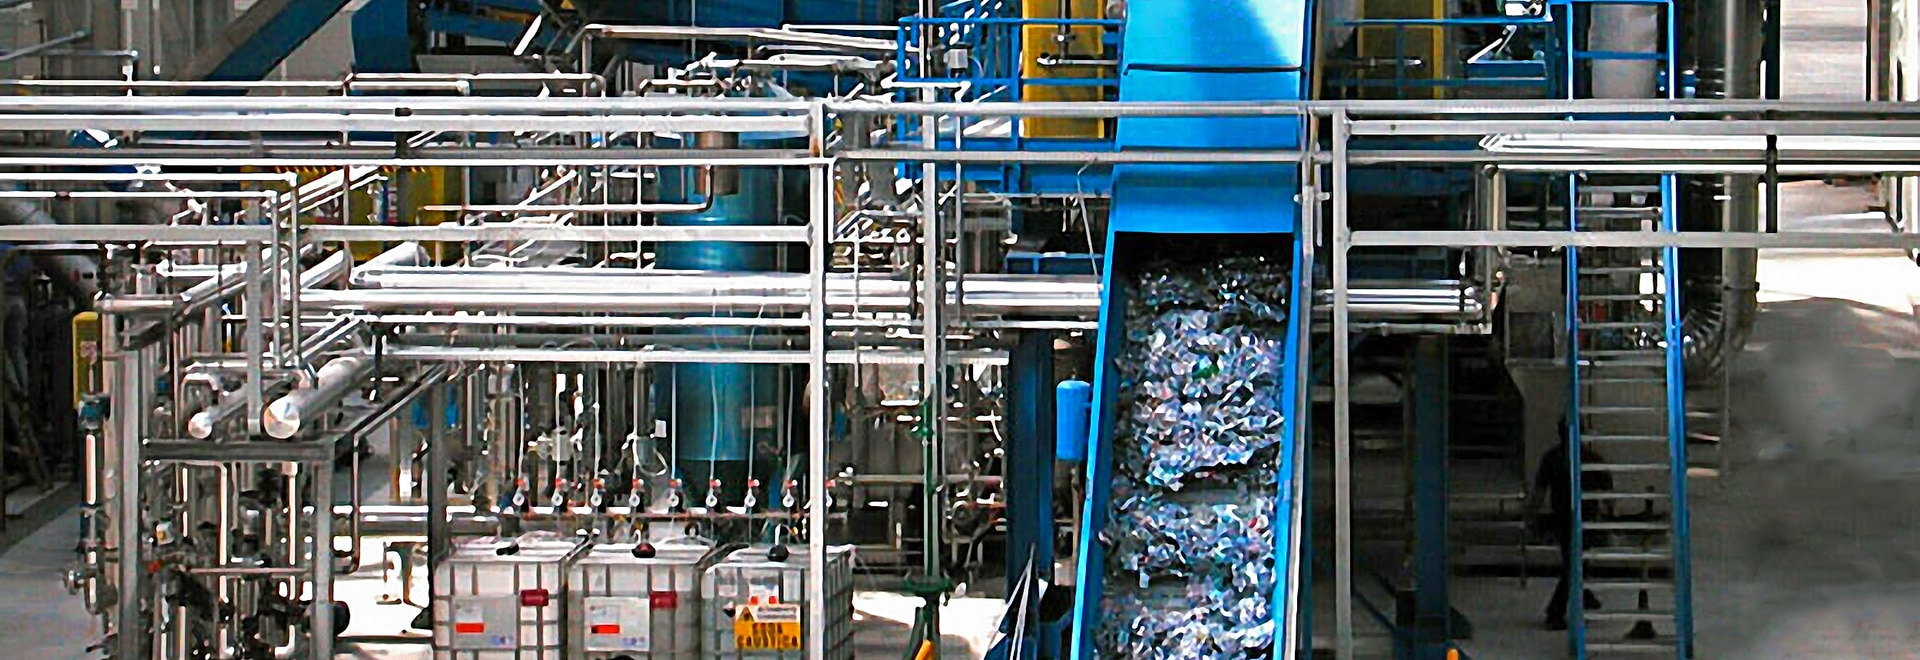 Bredel-Pumpen liefern 25% Verbesserung, um Up-Time zu verarbeiten und tragen zu verringerten CO2-Emissionen in italienischem Biomüllabfallverwertungsanlage bei